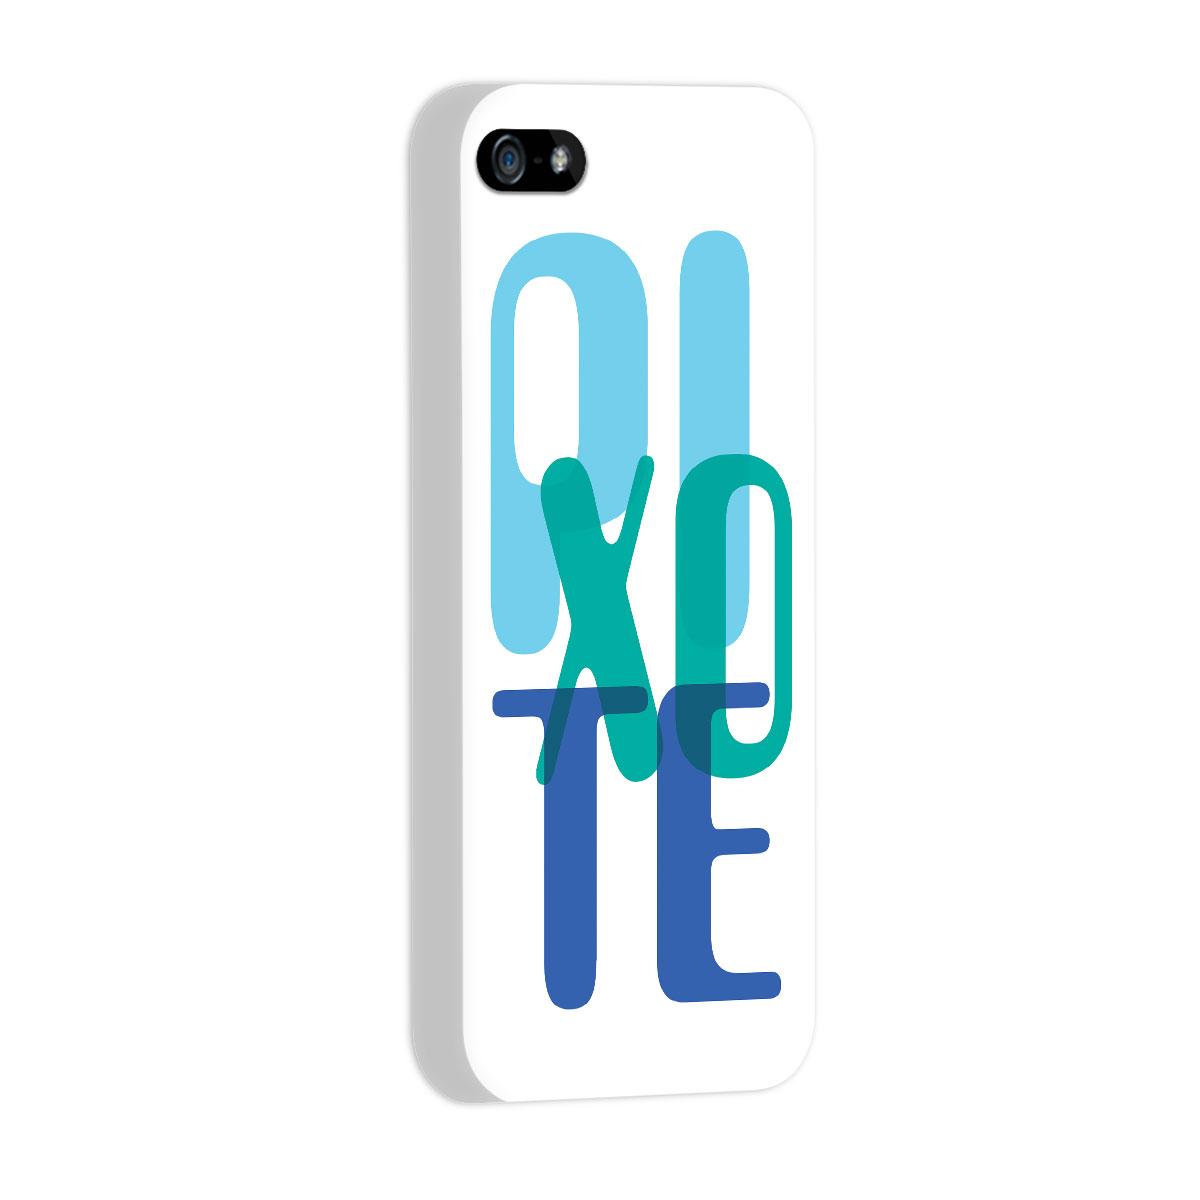 Capa para iPhone 5/5S Pixote Blue